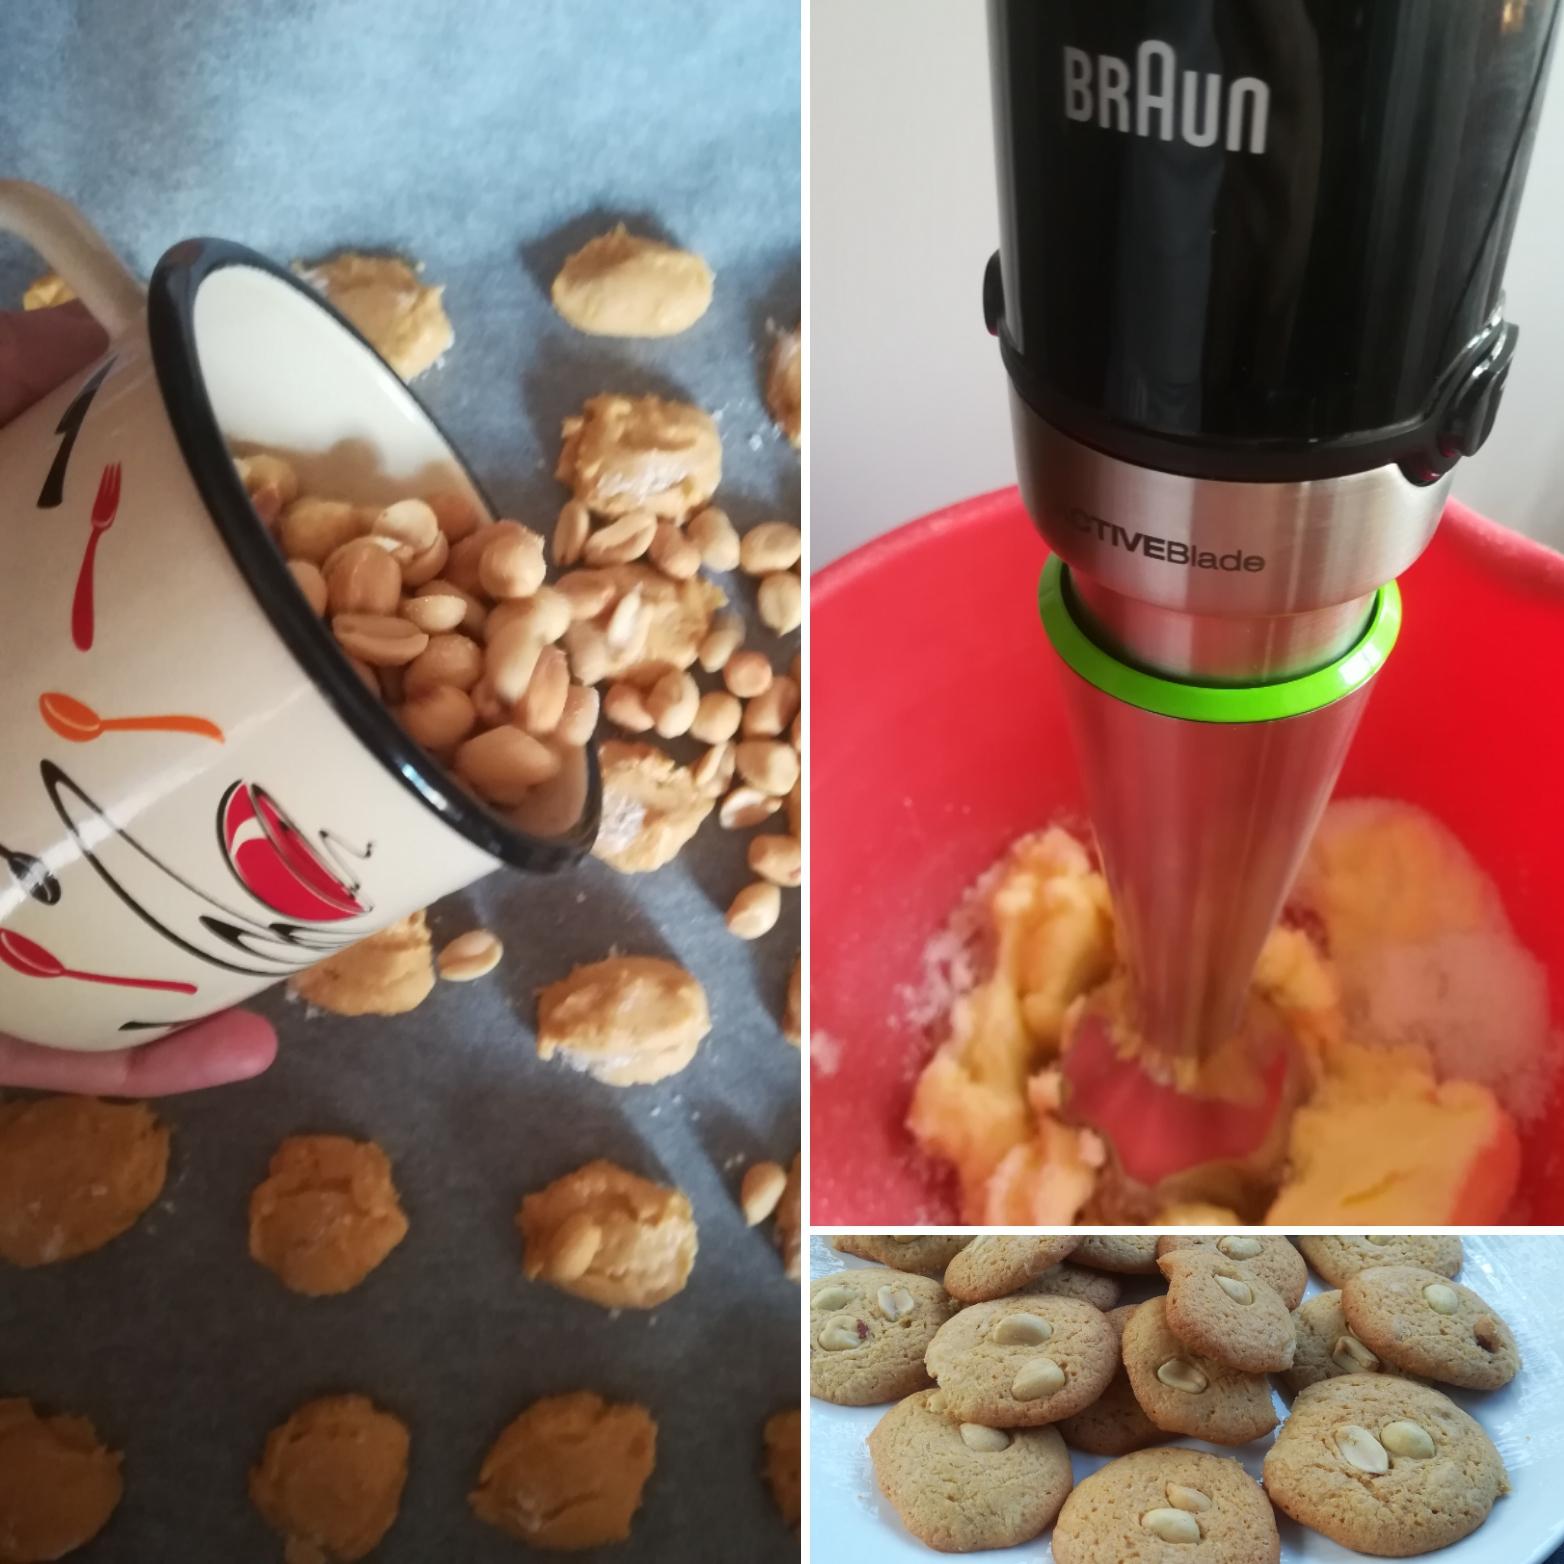 Arašidovi sladko-slani piškoti